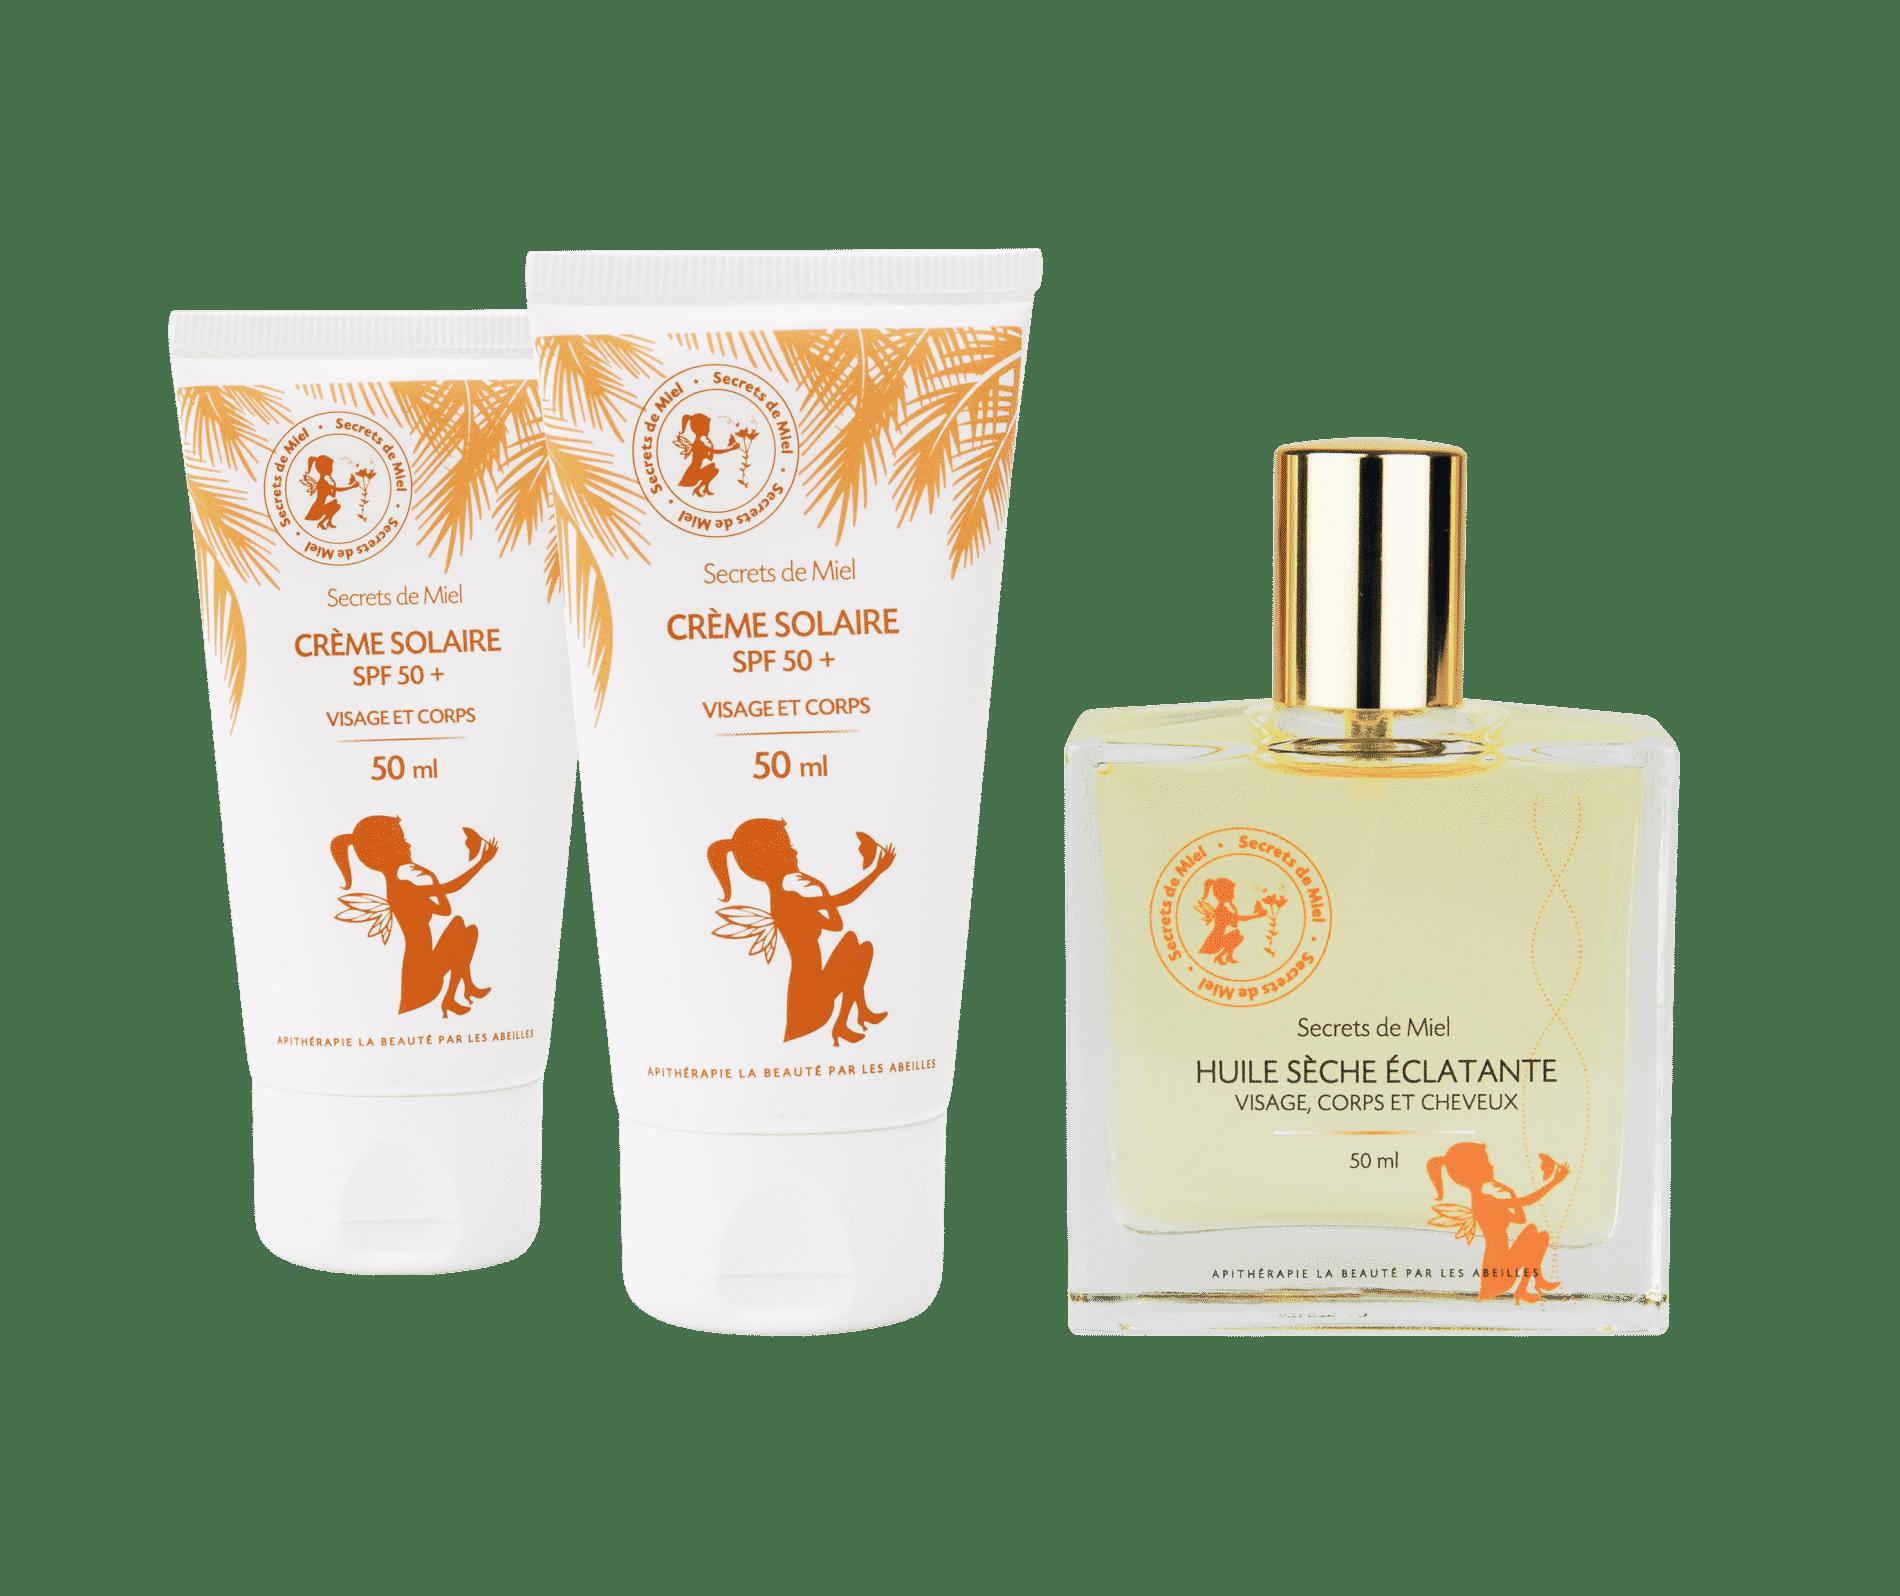 crème solaire - produits naturels - ruche - Secrets de Miel - huile nourrissante - soleil - été - offre cosmétiques